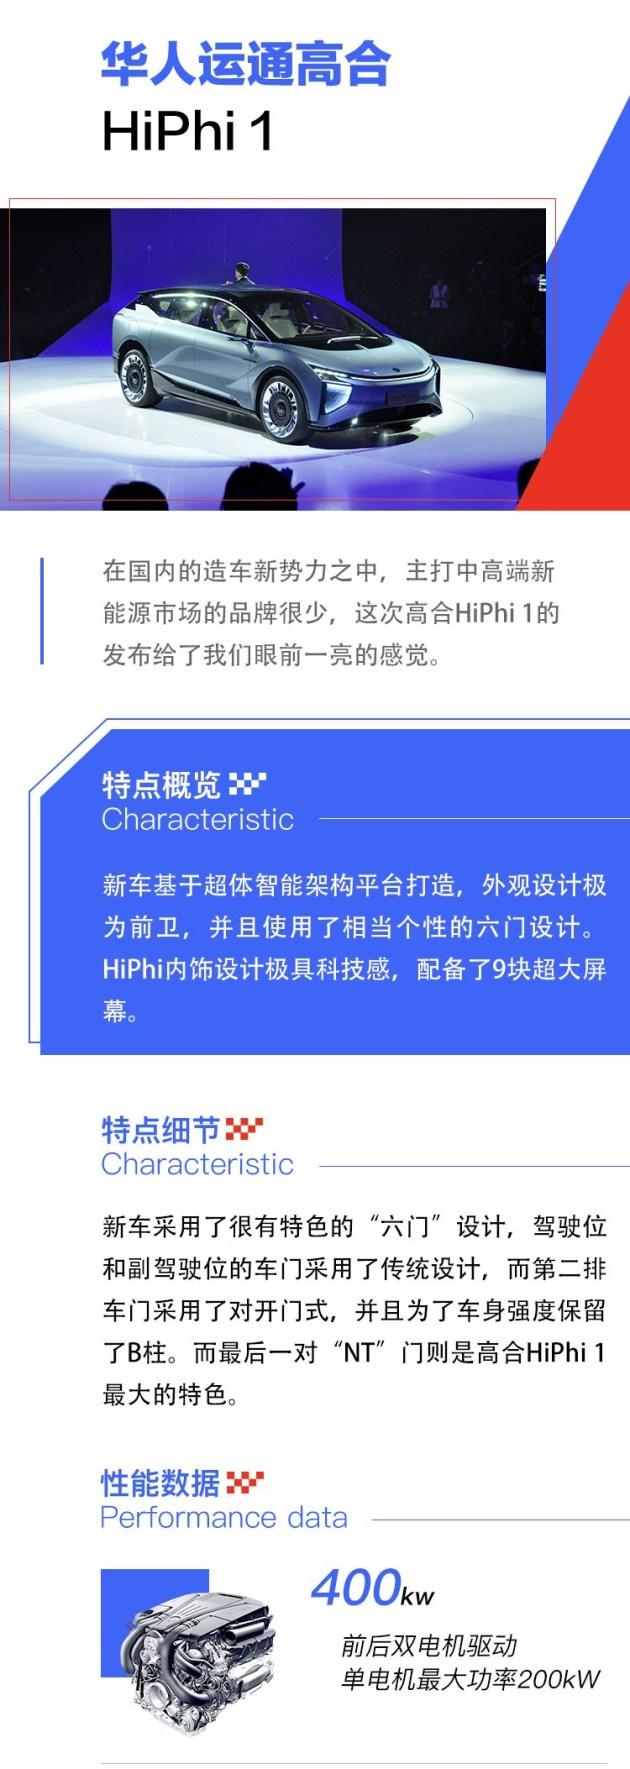 华人运通高合HiPhi 1发布 配9块大屏续航600km